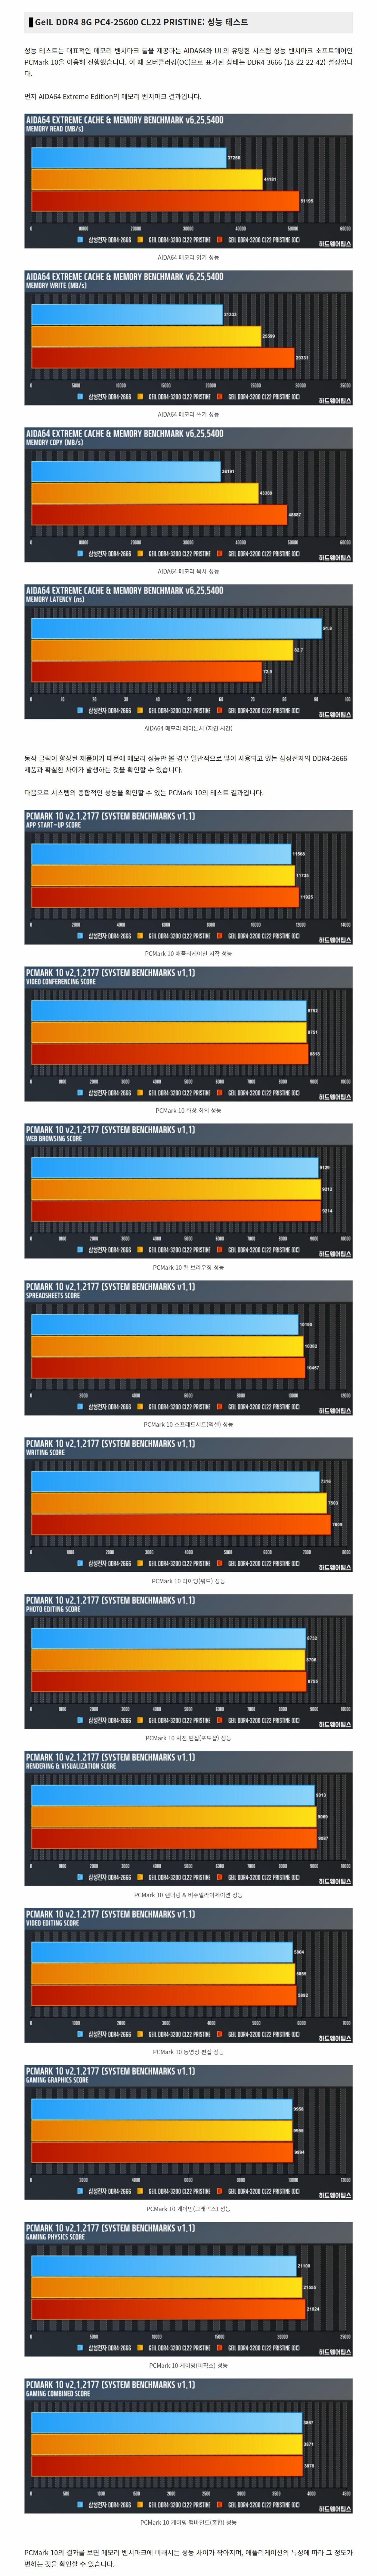 GeIL DDR4 8G PC4-25600 CL22 PRISTINE 리뷰 - 004.jpg